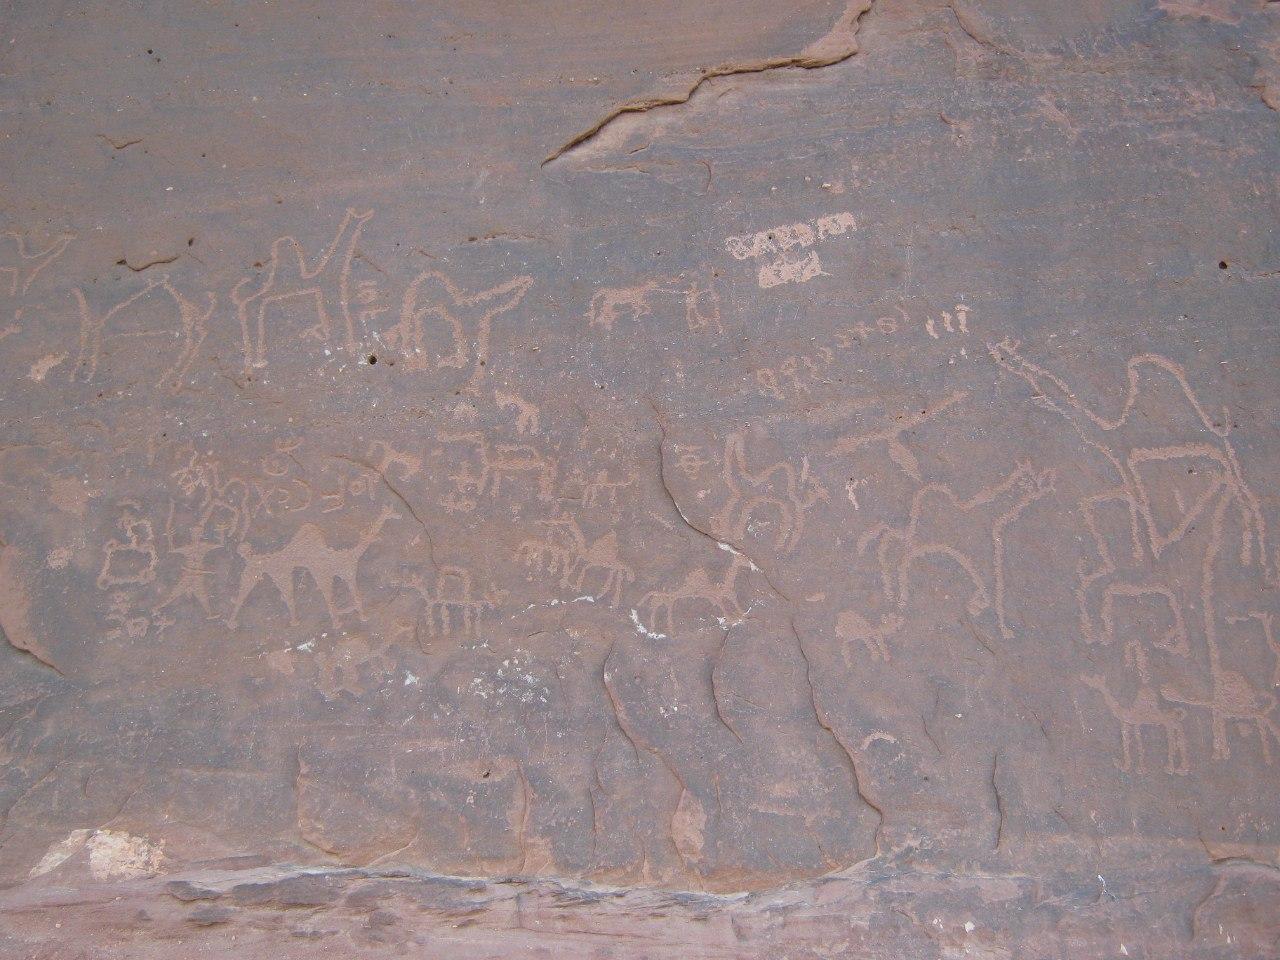 древние наскальные рисунки в Вади Рам